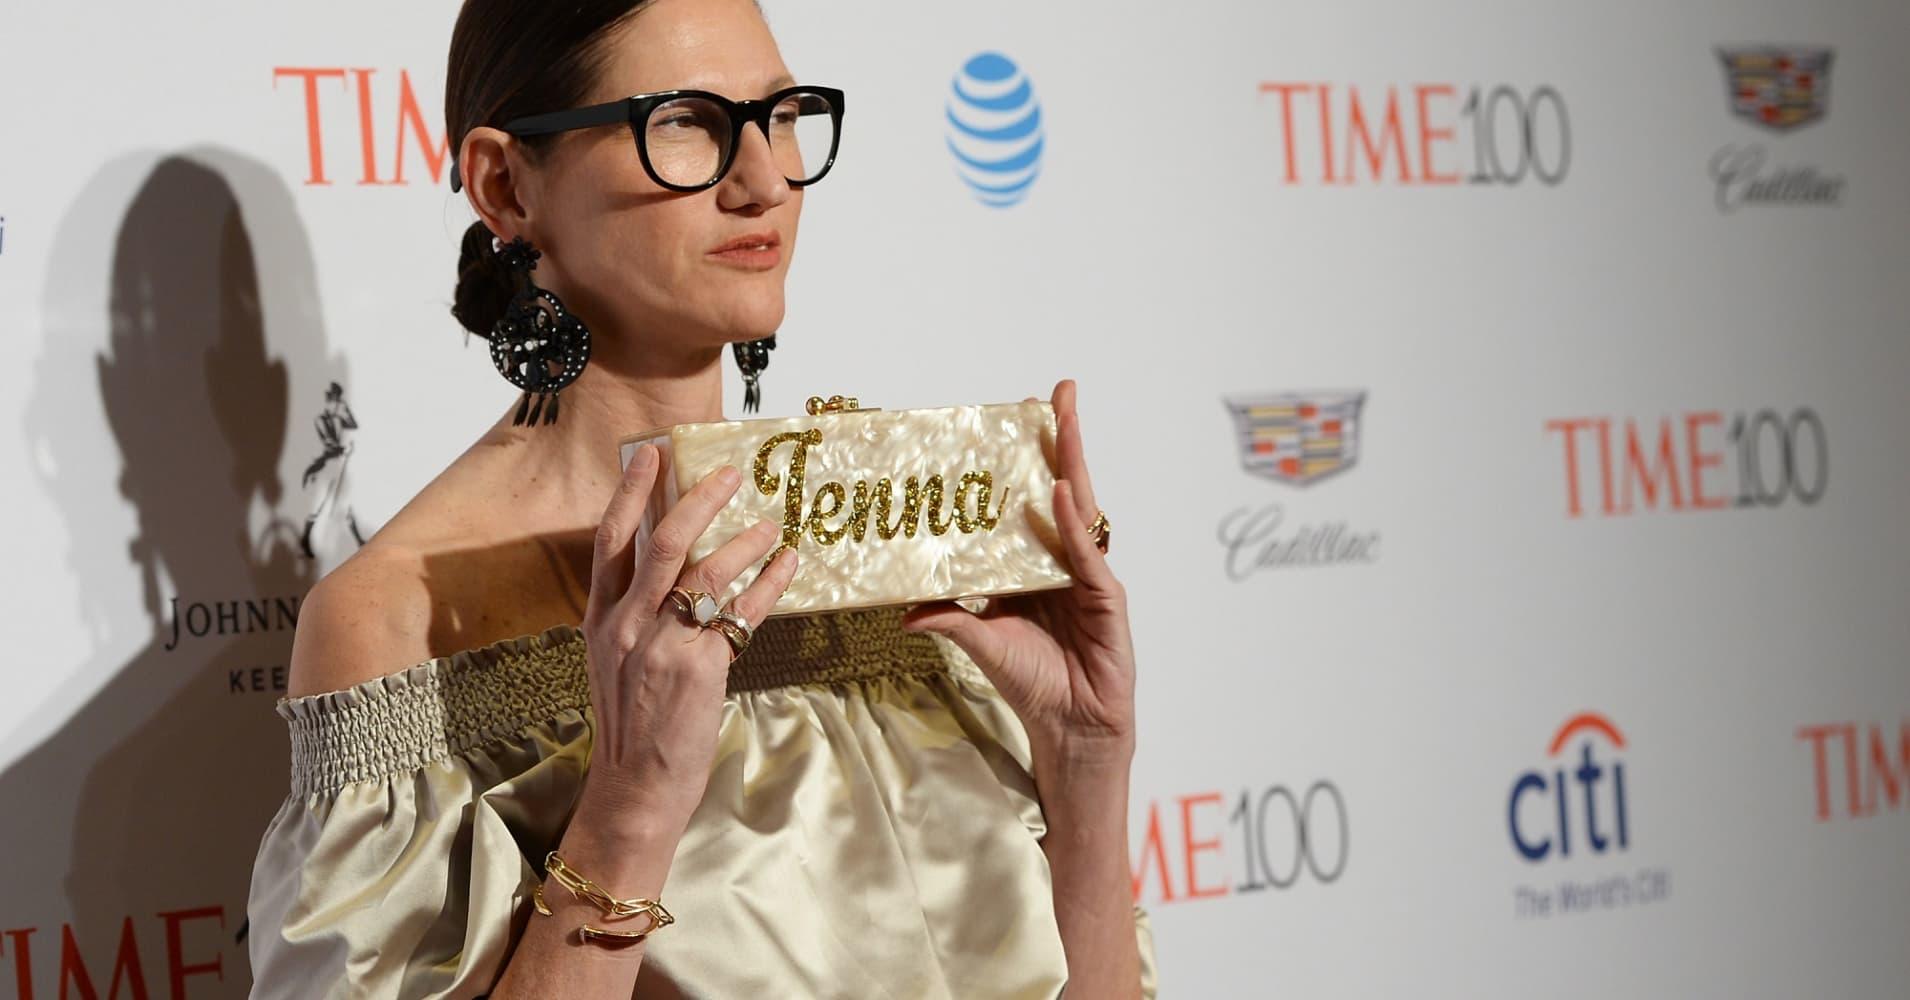 Designer Jenna Lyons attends 2016 Time 100 Gala.